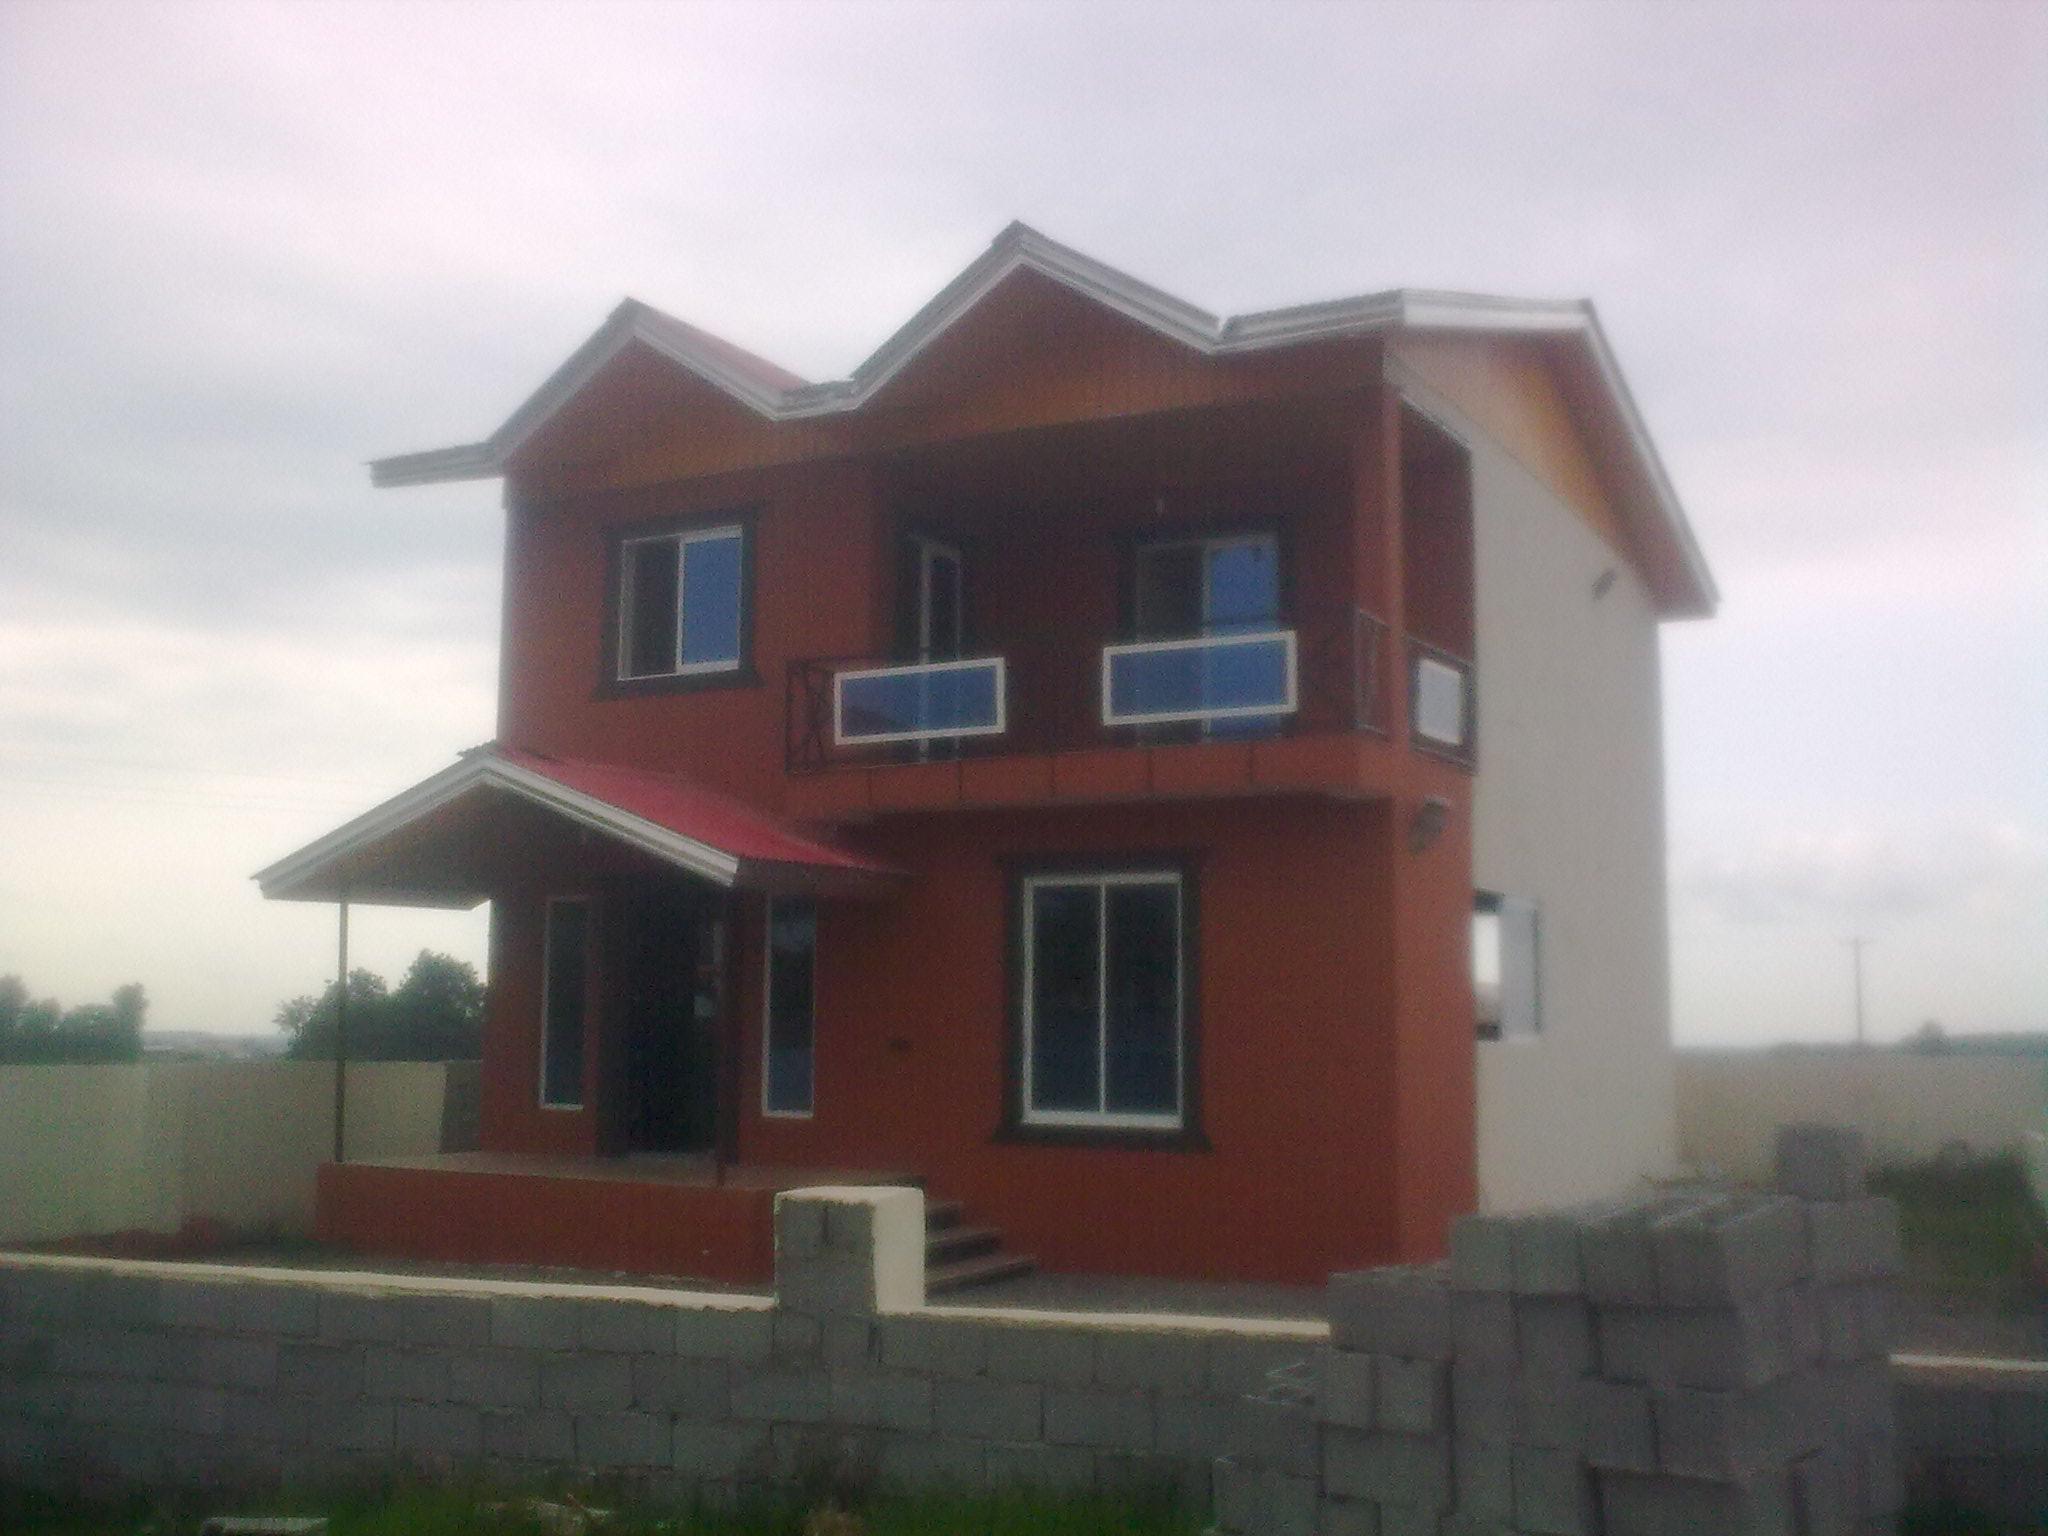 ویلا دوبلکس شهرکی قلعه کتی